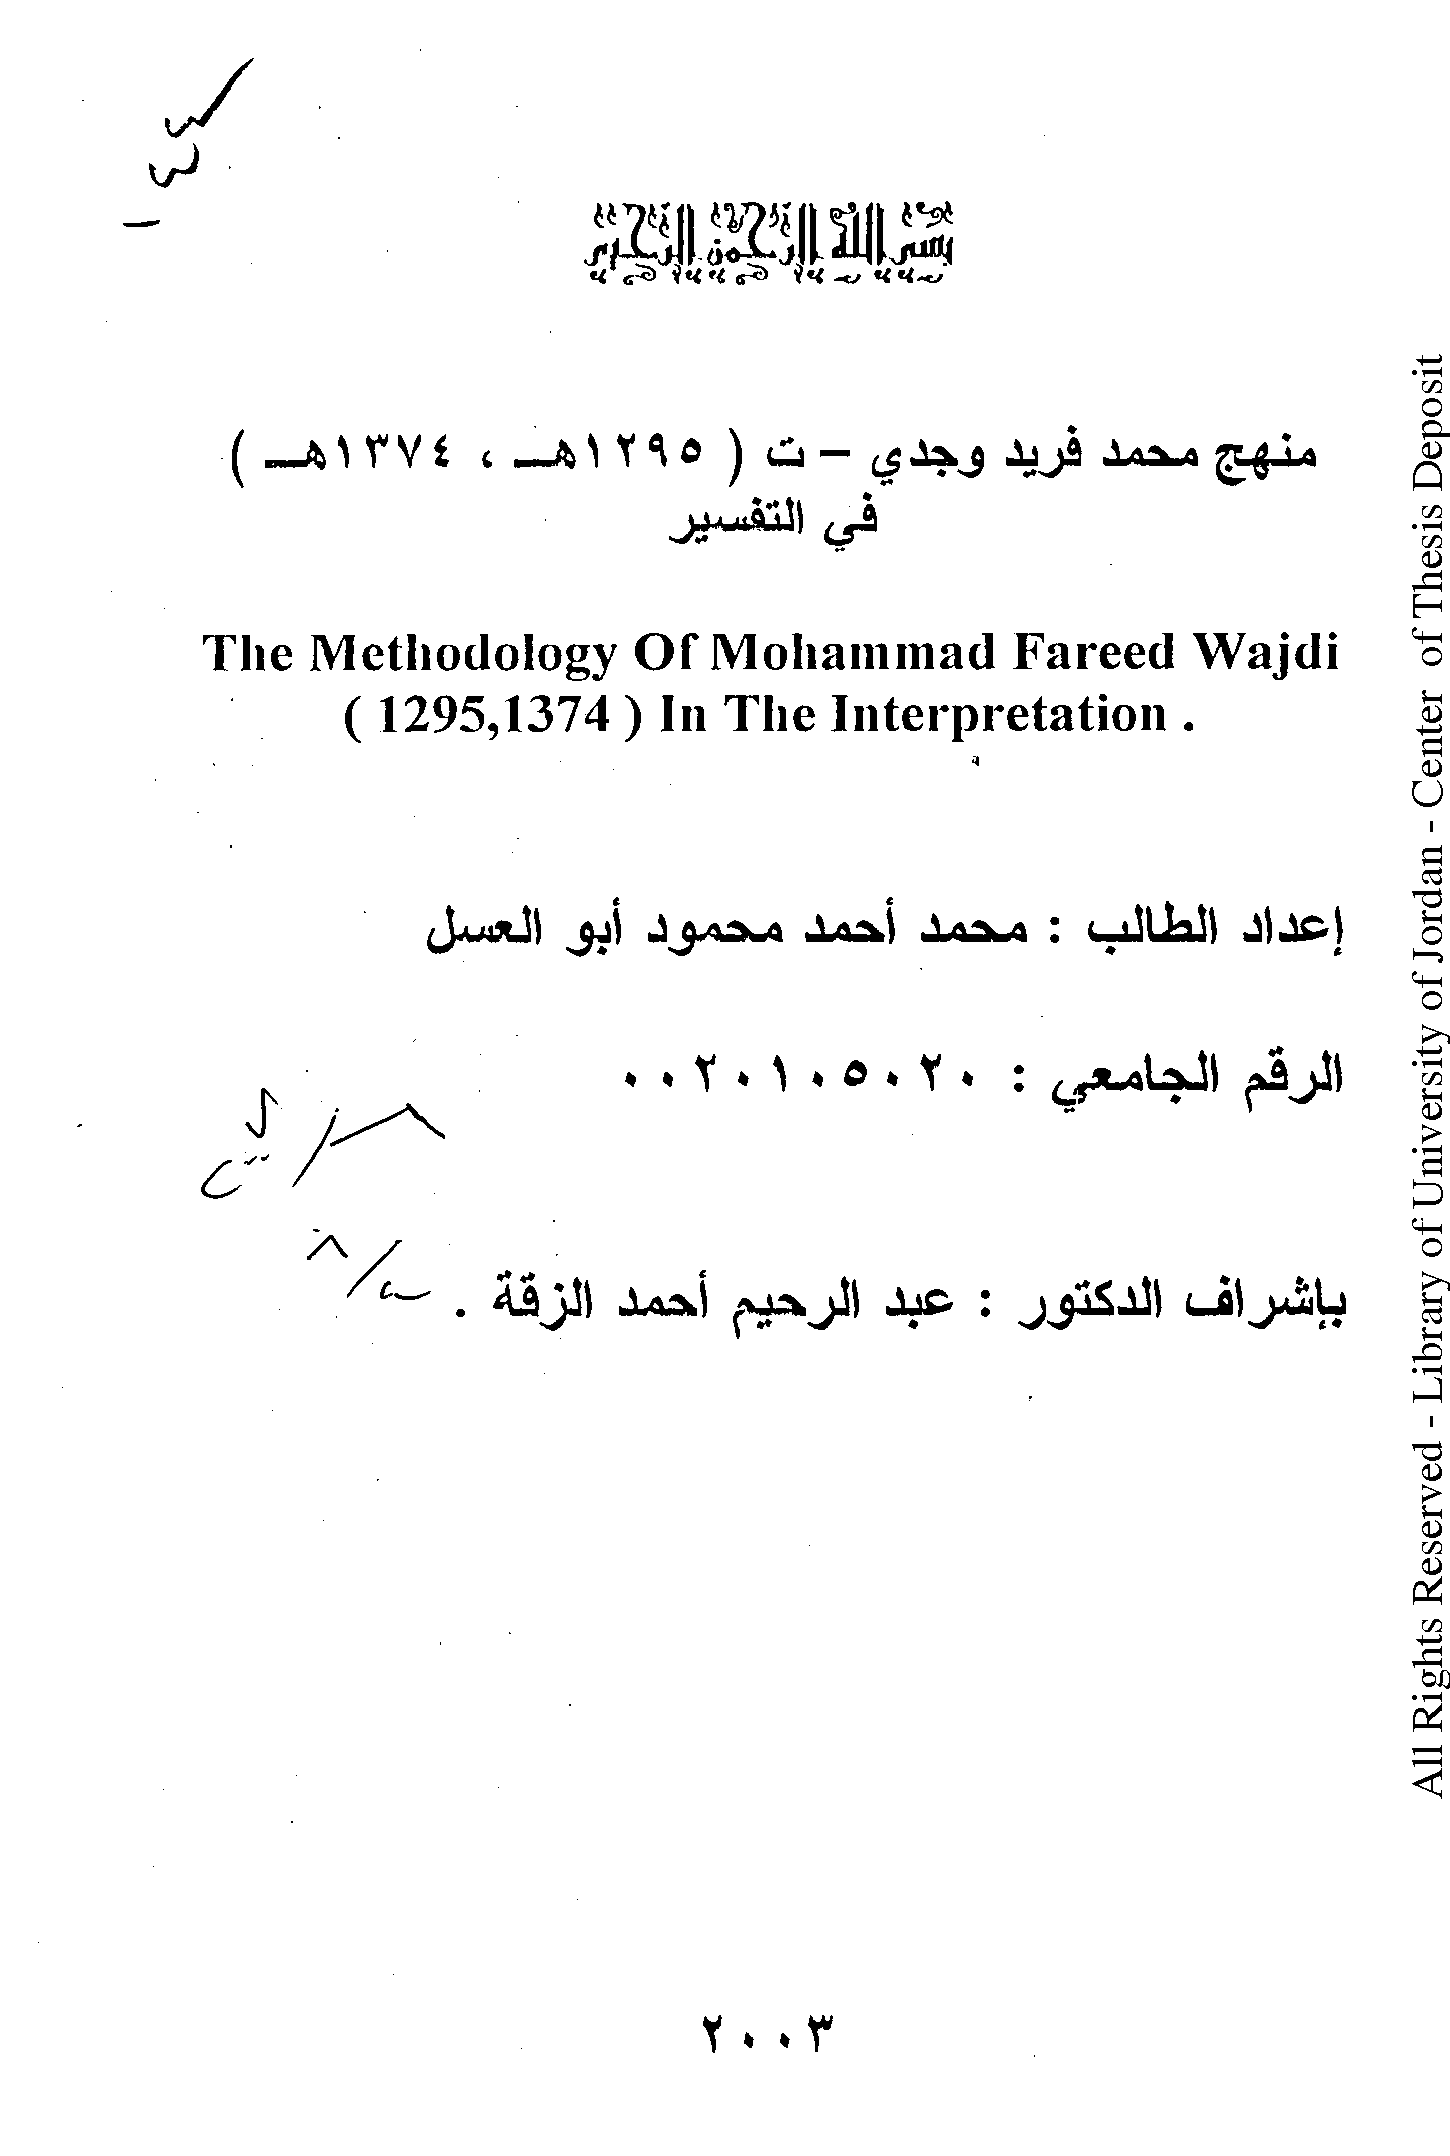 تحميل كتاب منهج محمد فريد وجدي (ت 1374) في التفسير لـِ: محمد أحمد محمود أبو العسل